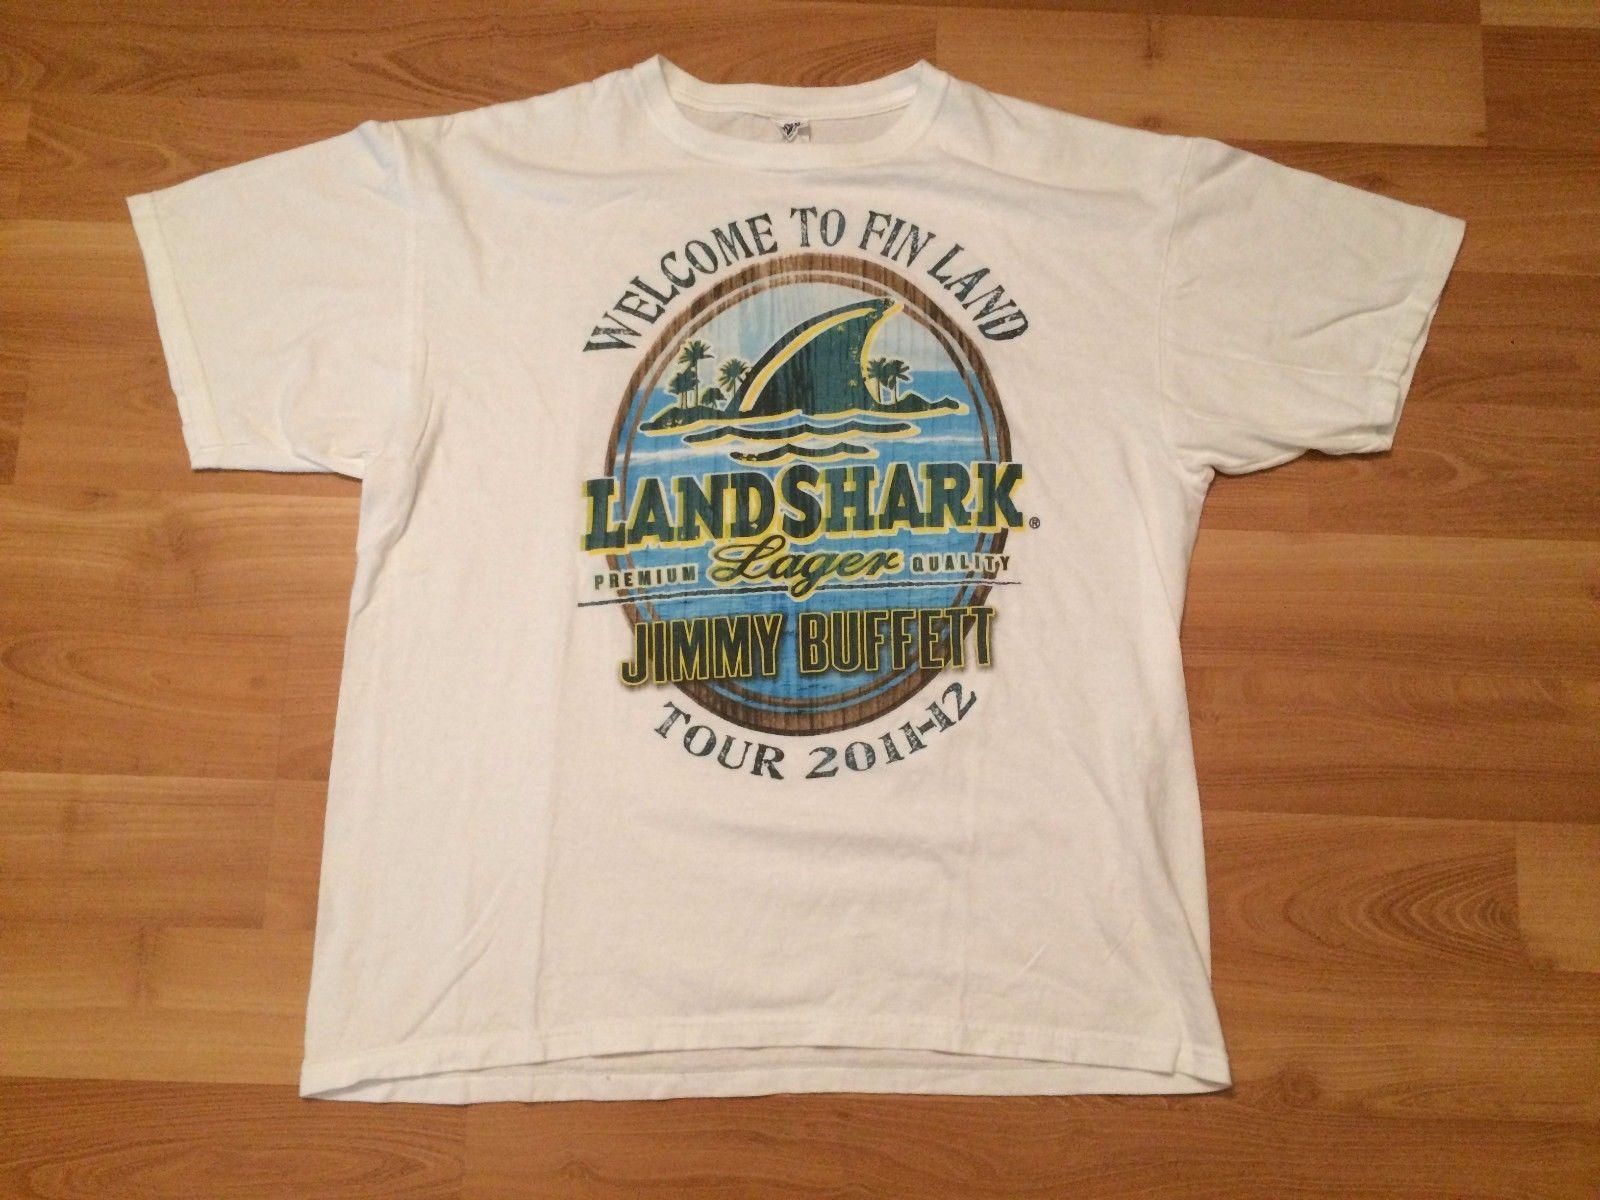 2011 jimmy buffett concert t shirt mens xl welcome to finland rh dhgate com jimmy buffett t shirts for sale jimmy buffett concert shirts 2018